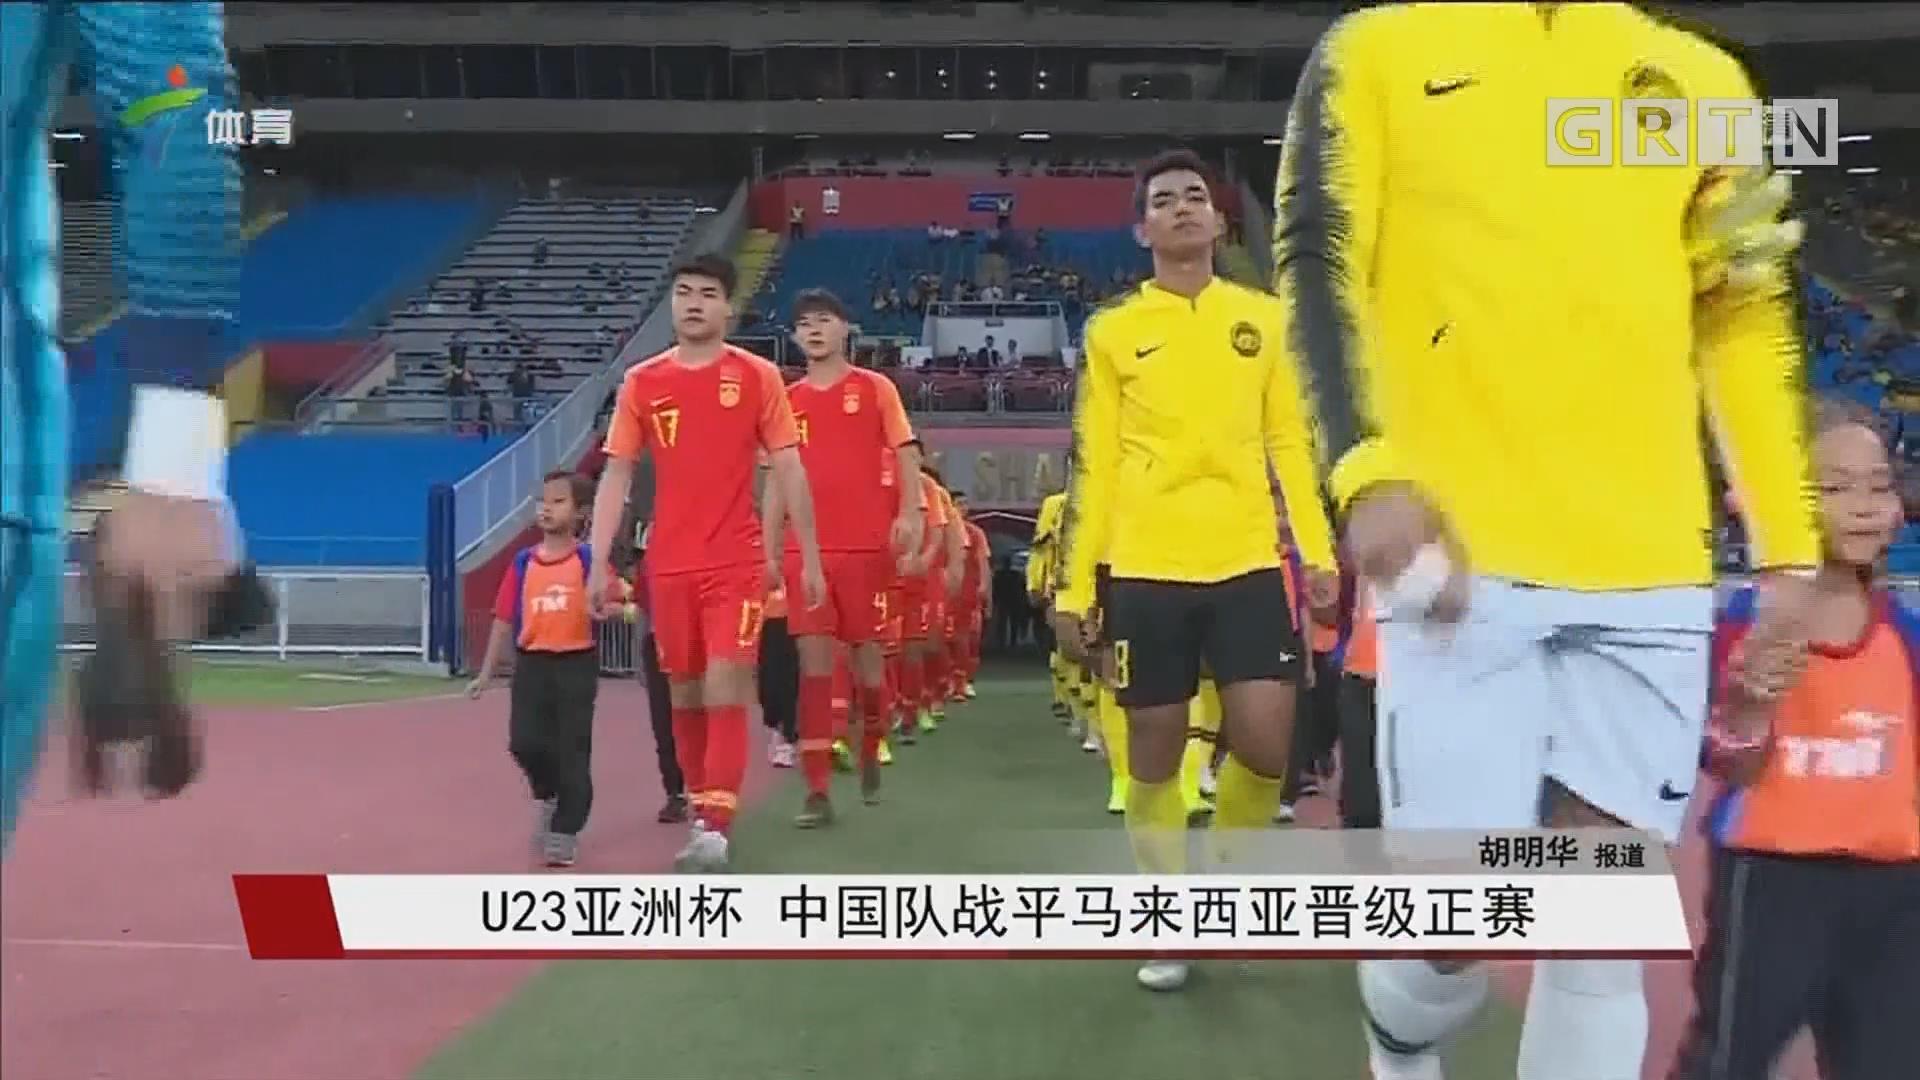 U23亚洲杯 中国队战平马来西亚晋级正赛